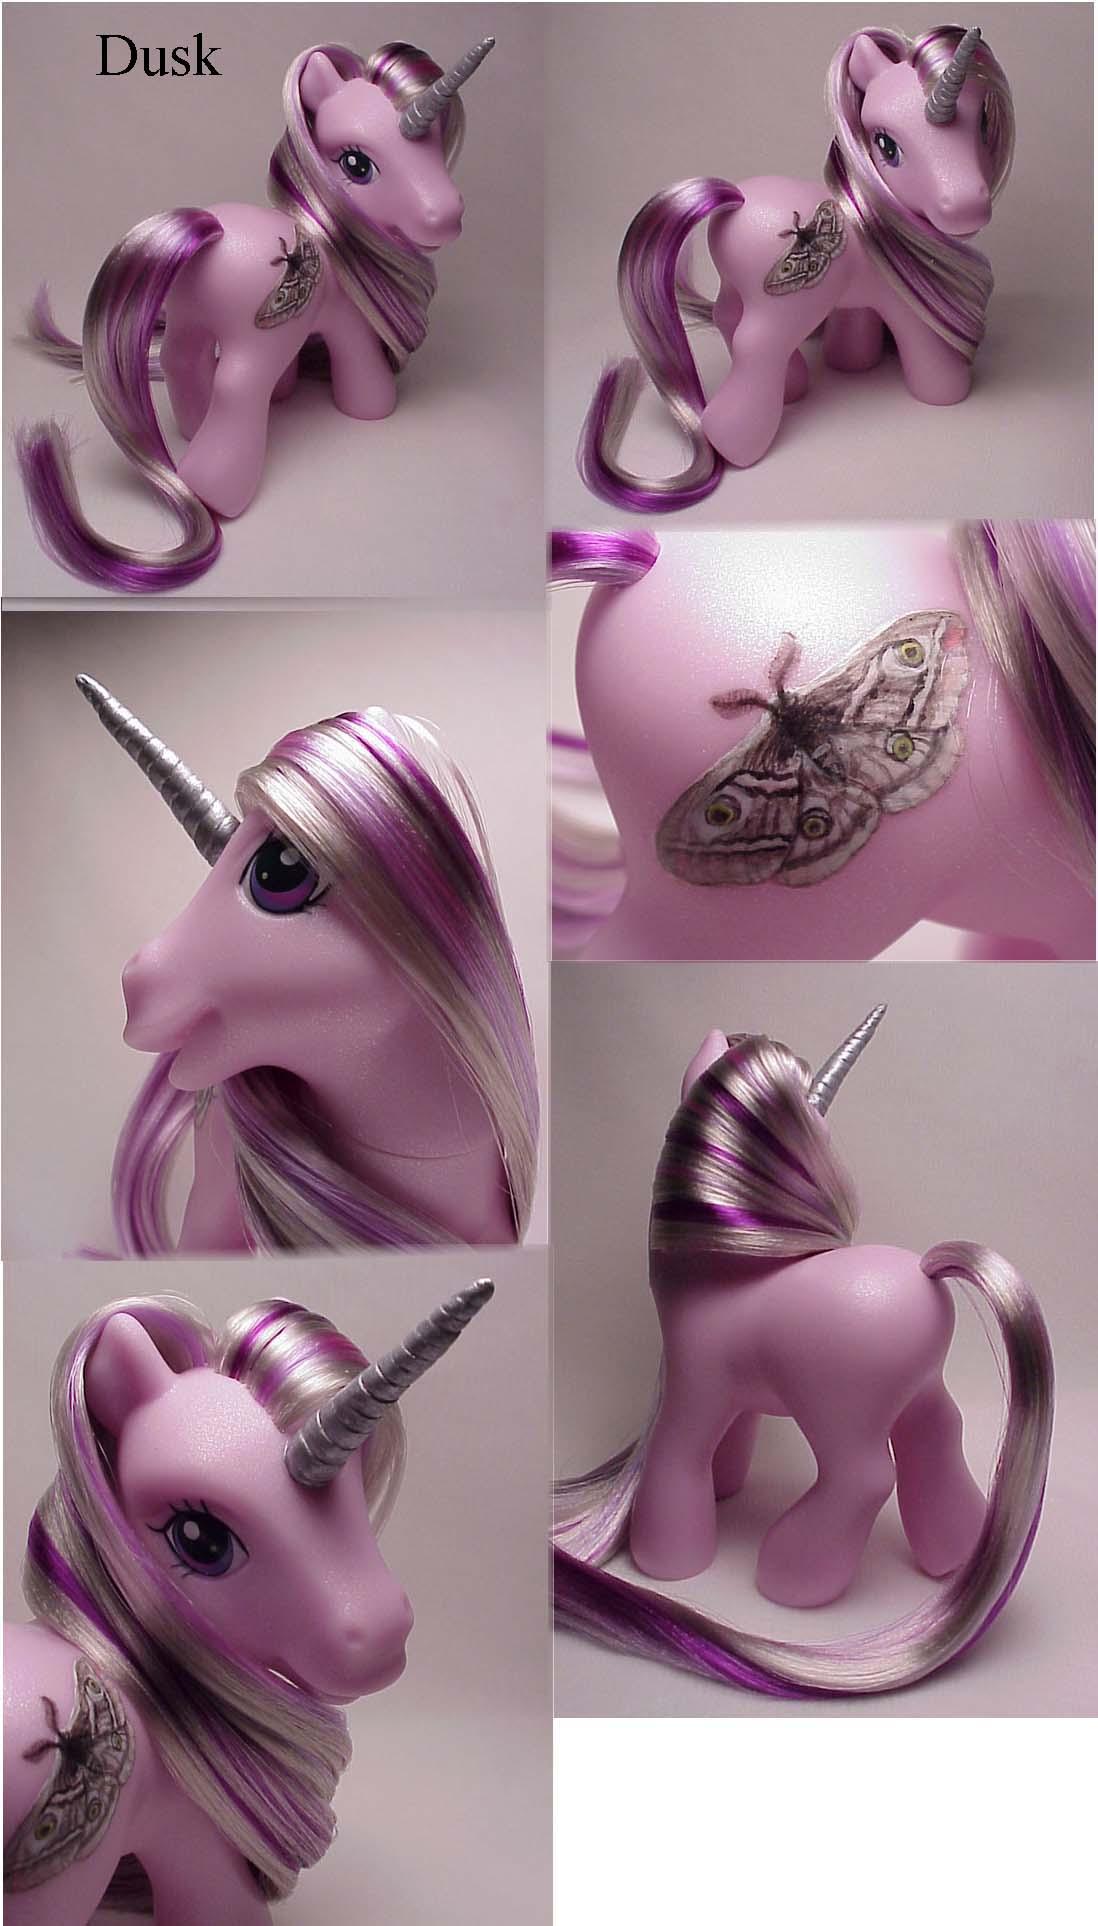 dusk_custom_pony_by_woosie-d3cztw1.jpg